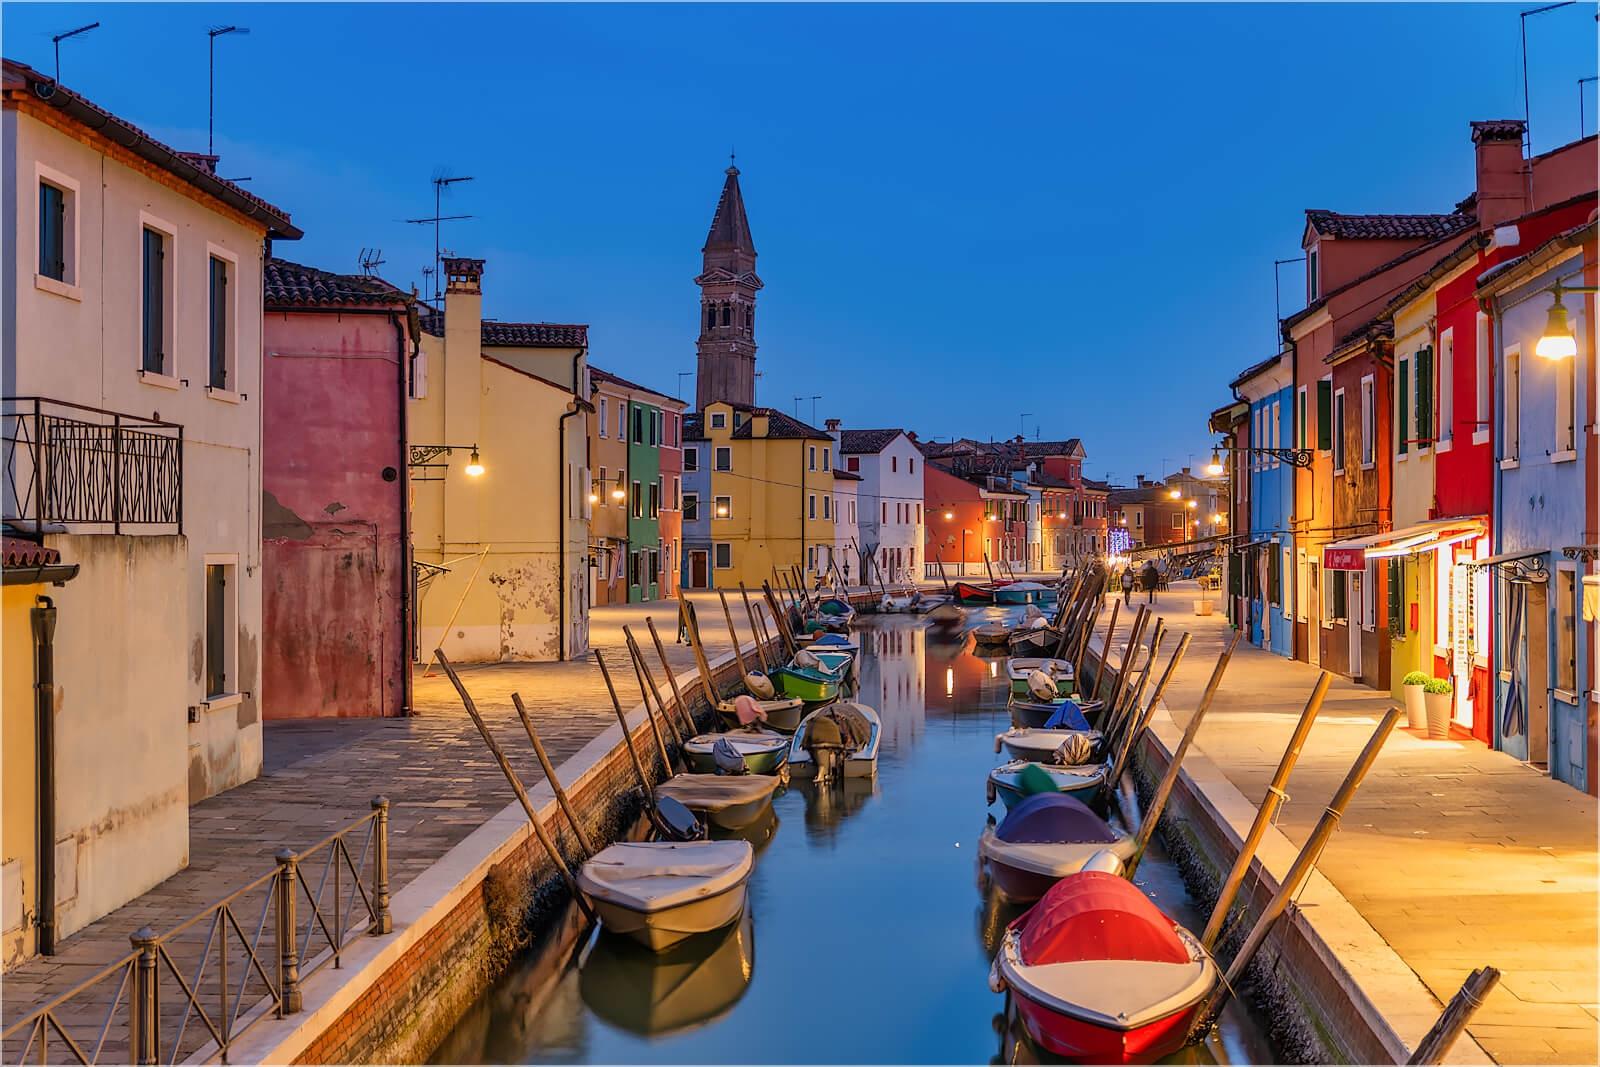 Wanddeko Auf Burano bei Venedig